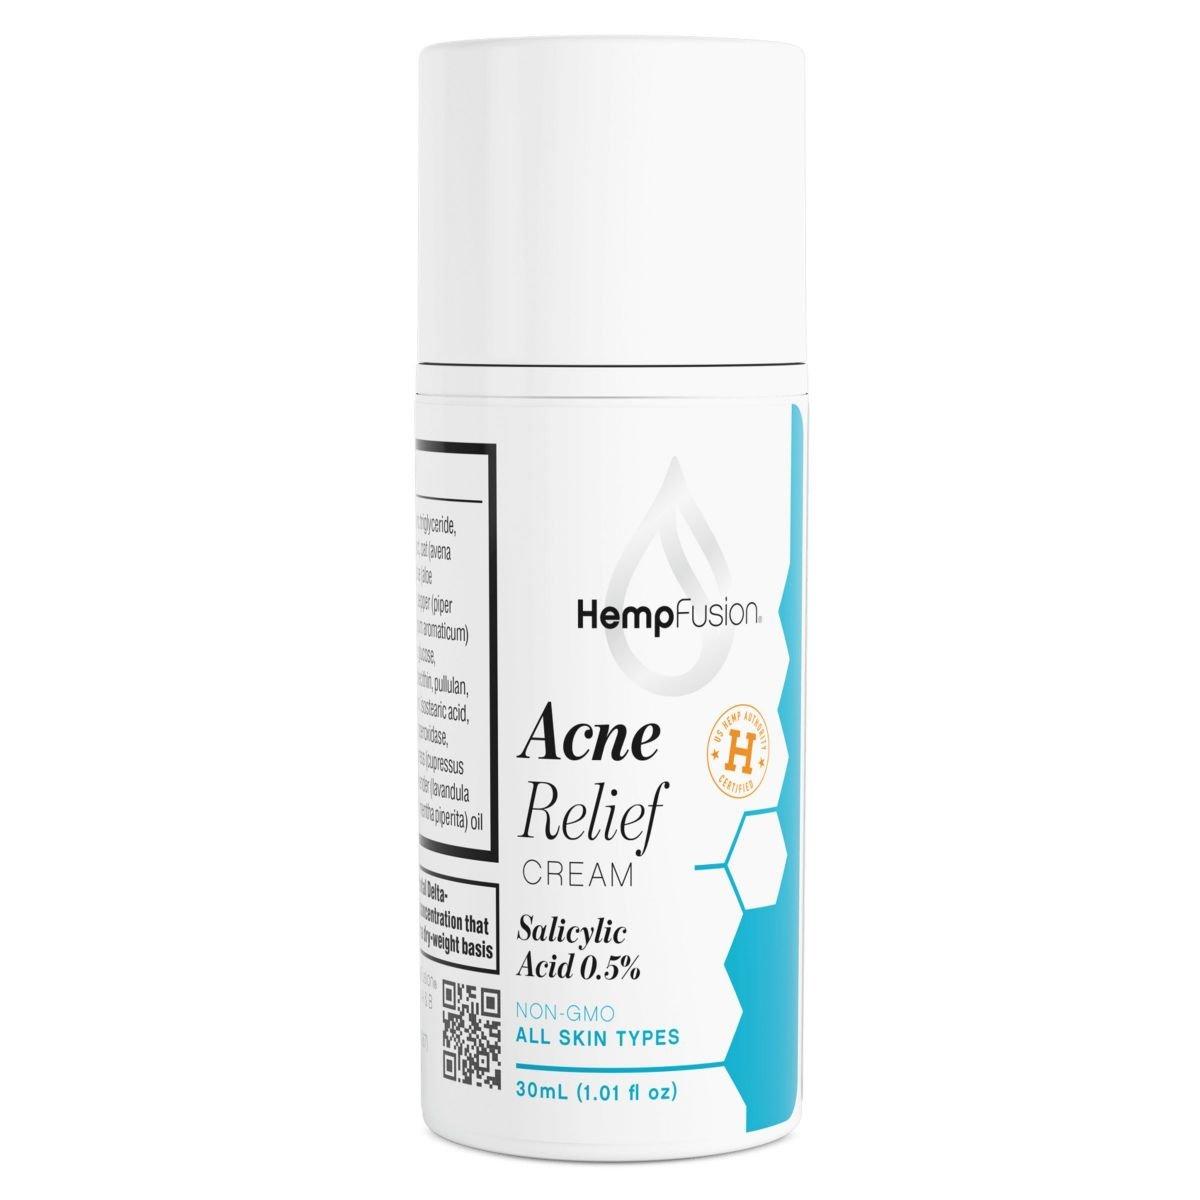 HempFusion CBD Acne Relief Cream